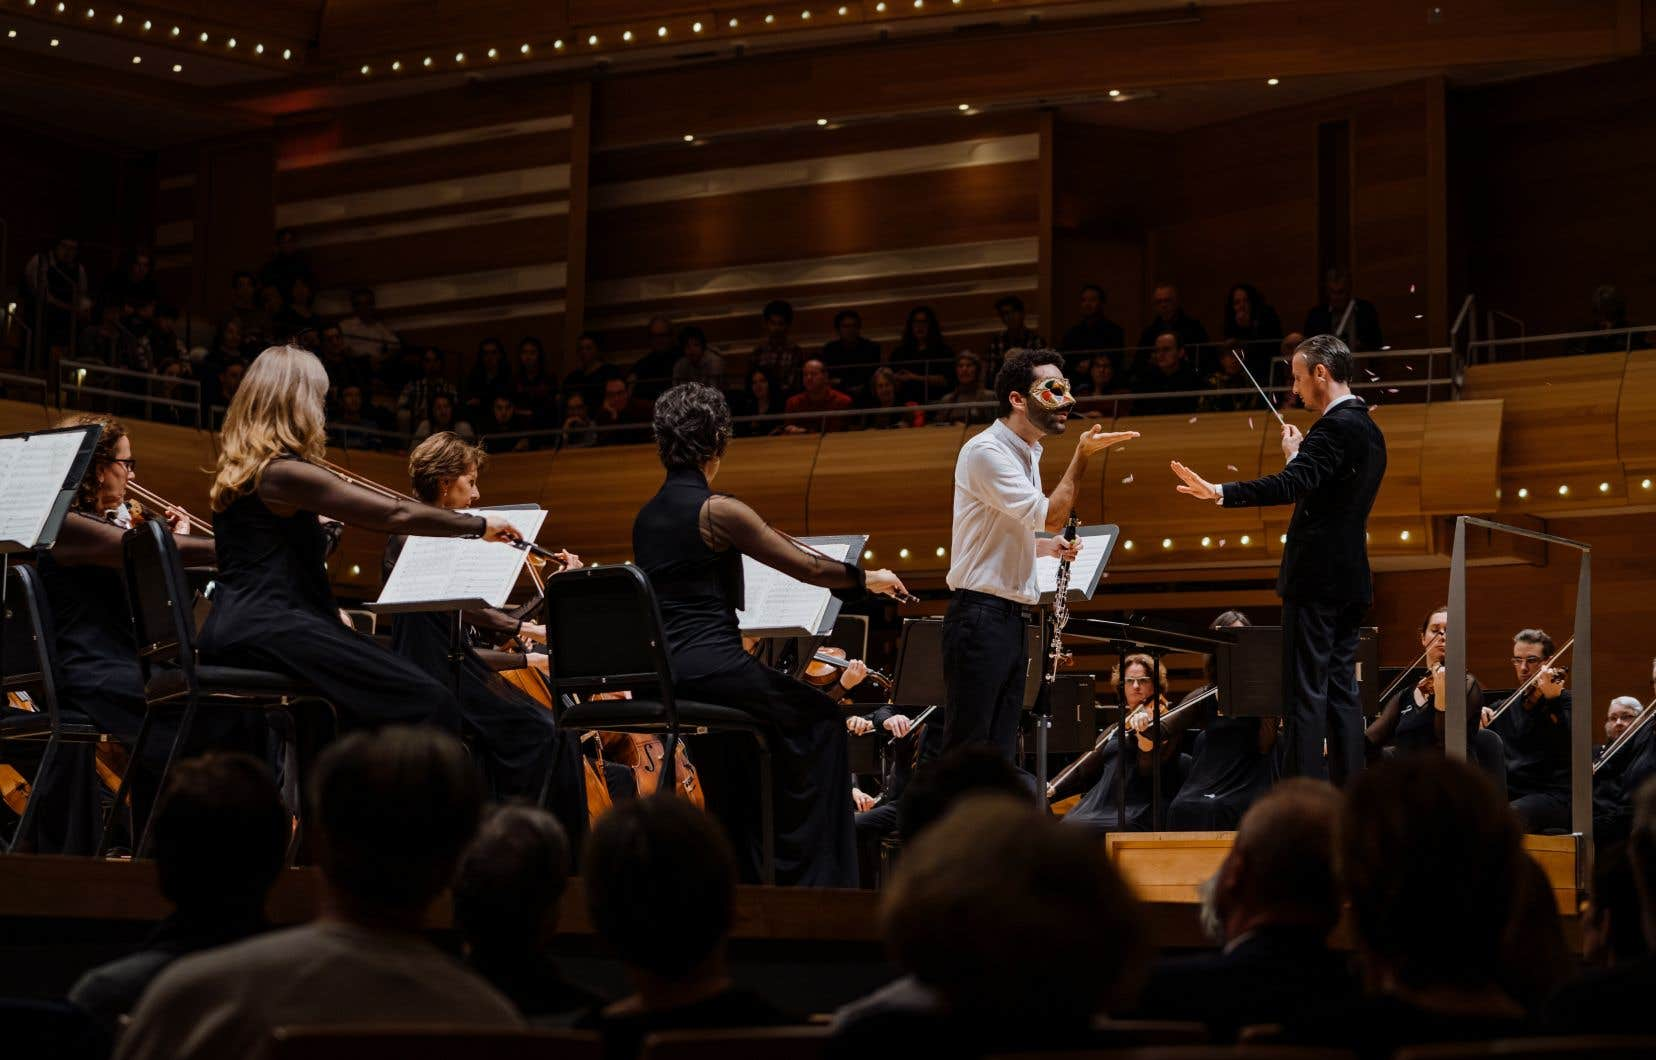 La surprise de la soirée fut ce concerto pour clarinette suédois contemporain dans lequel le soliste, l'exceptionnel David Dias da Silva, est aussi acteur ;le clarinettiste étant tantôt lui-même, tantôt un paon identifié par le port d'un masque.